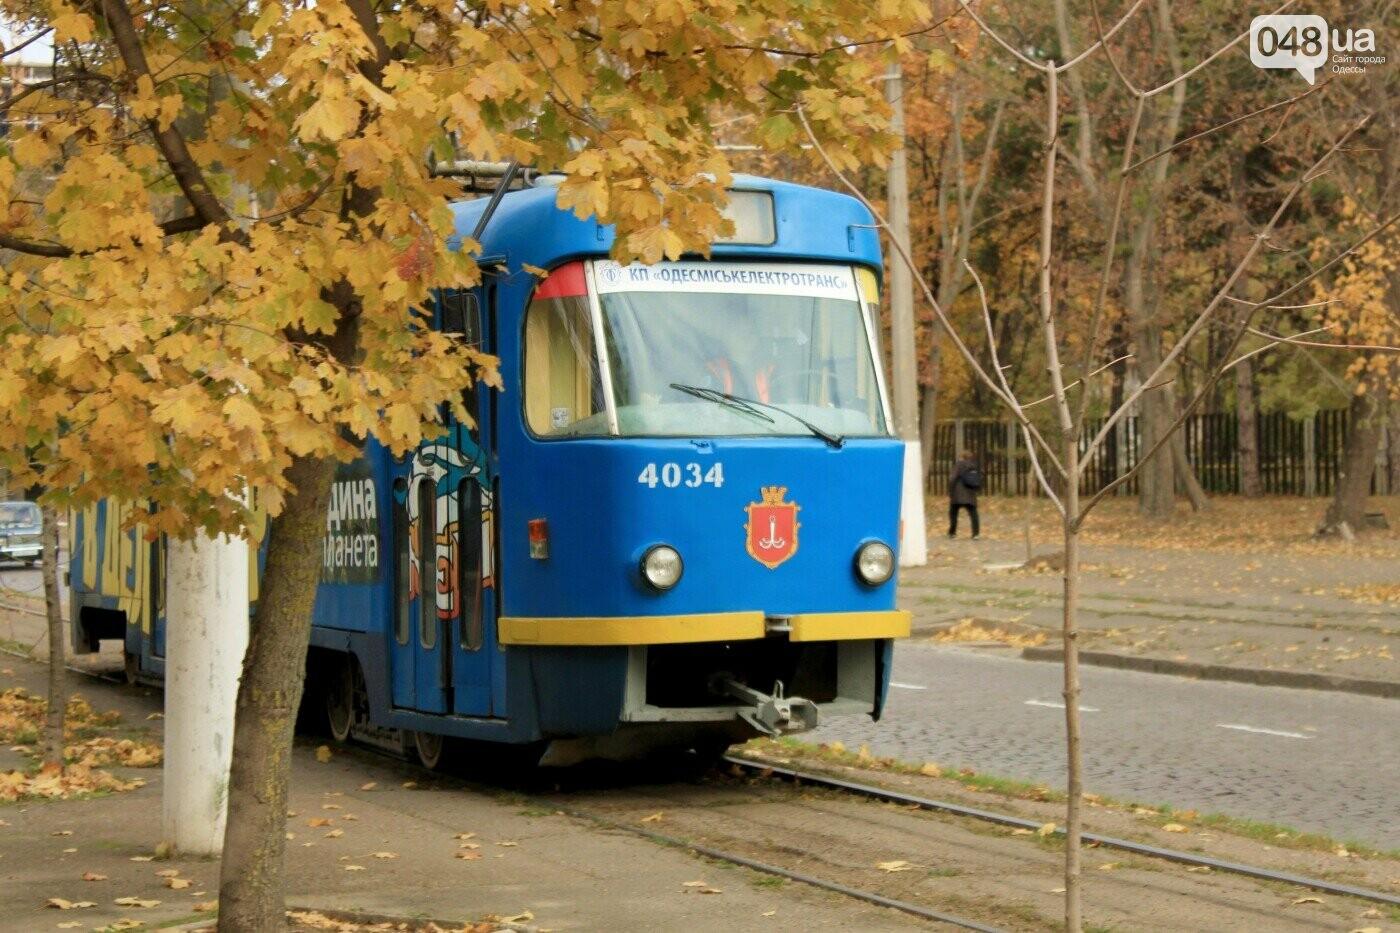 Топ-фото: Двенадцать мгновений 2020 года в Одессе,- ФОТОРЕПОРТАЖ, фото-54